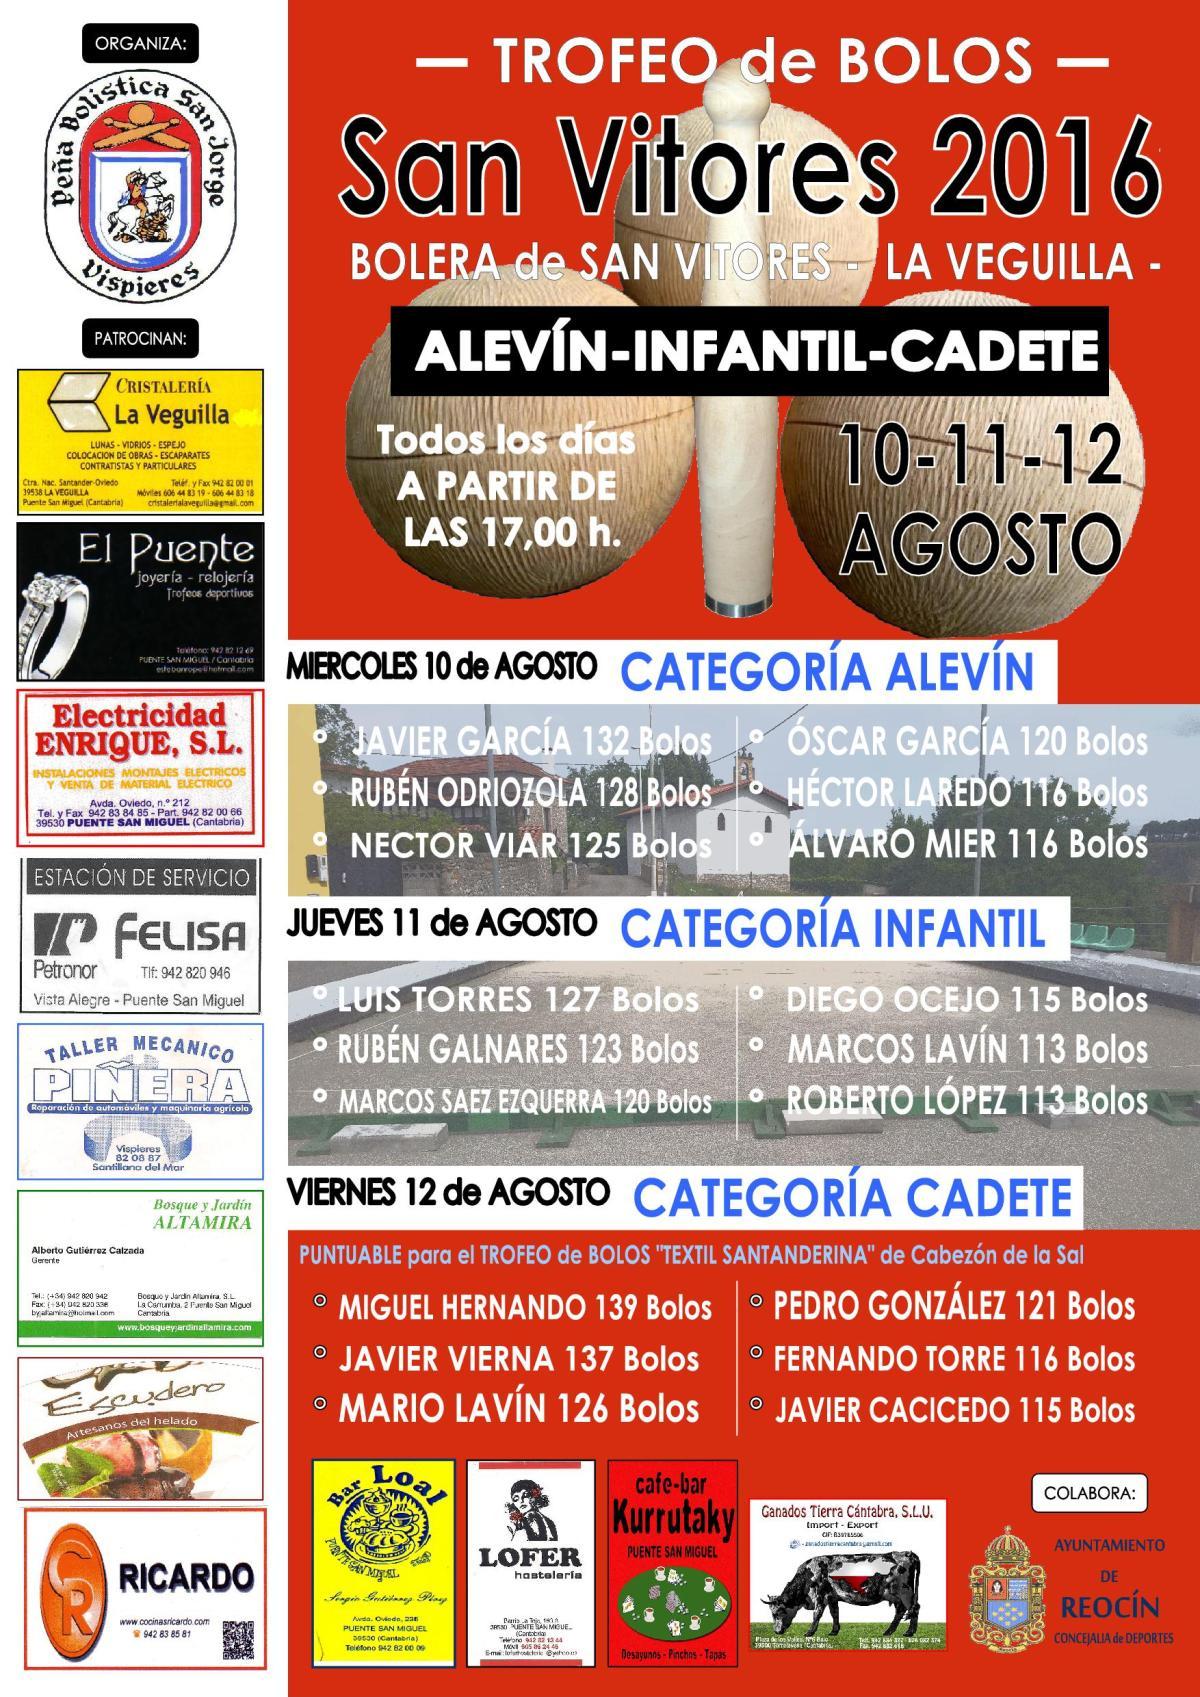 cartel tfofeo bolos sanvitores16